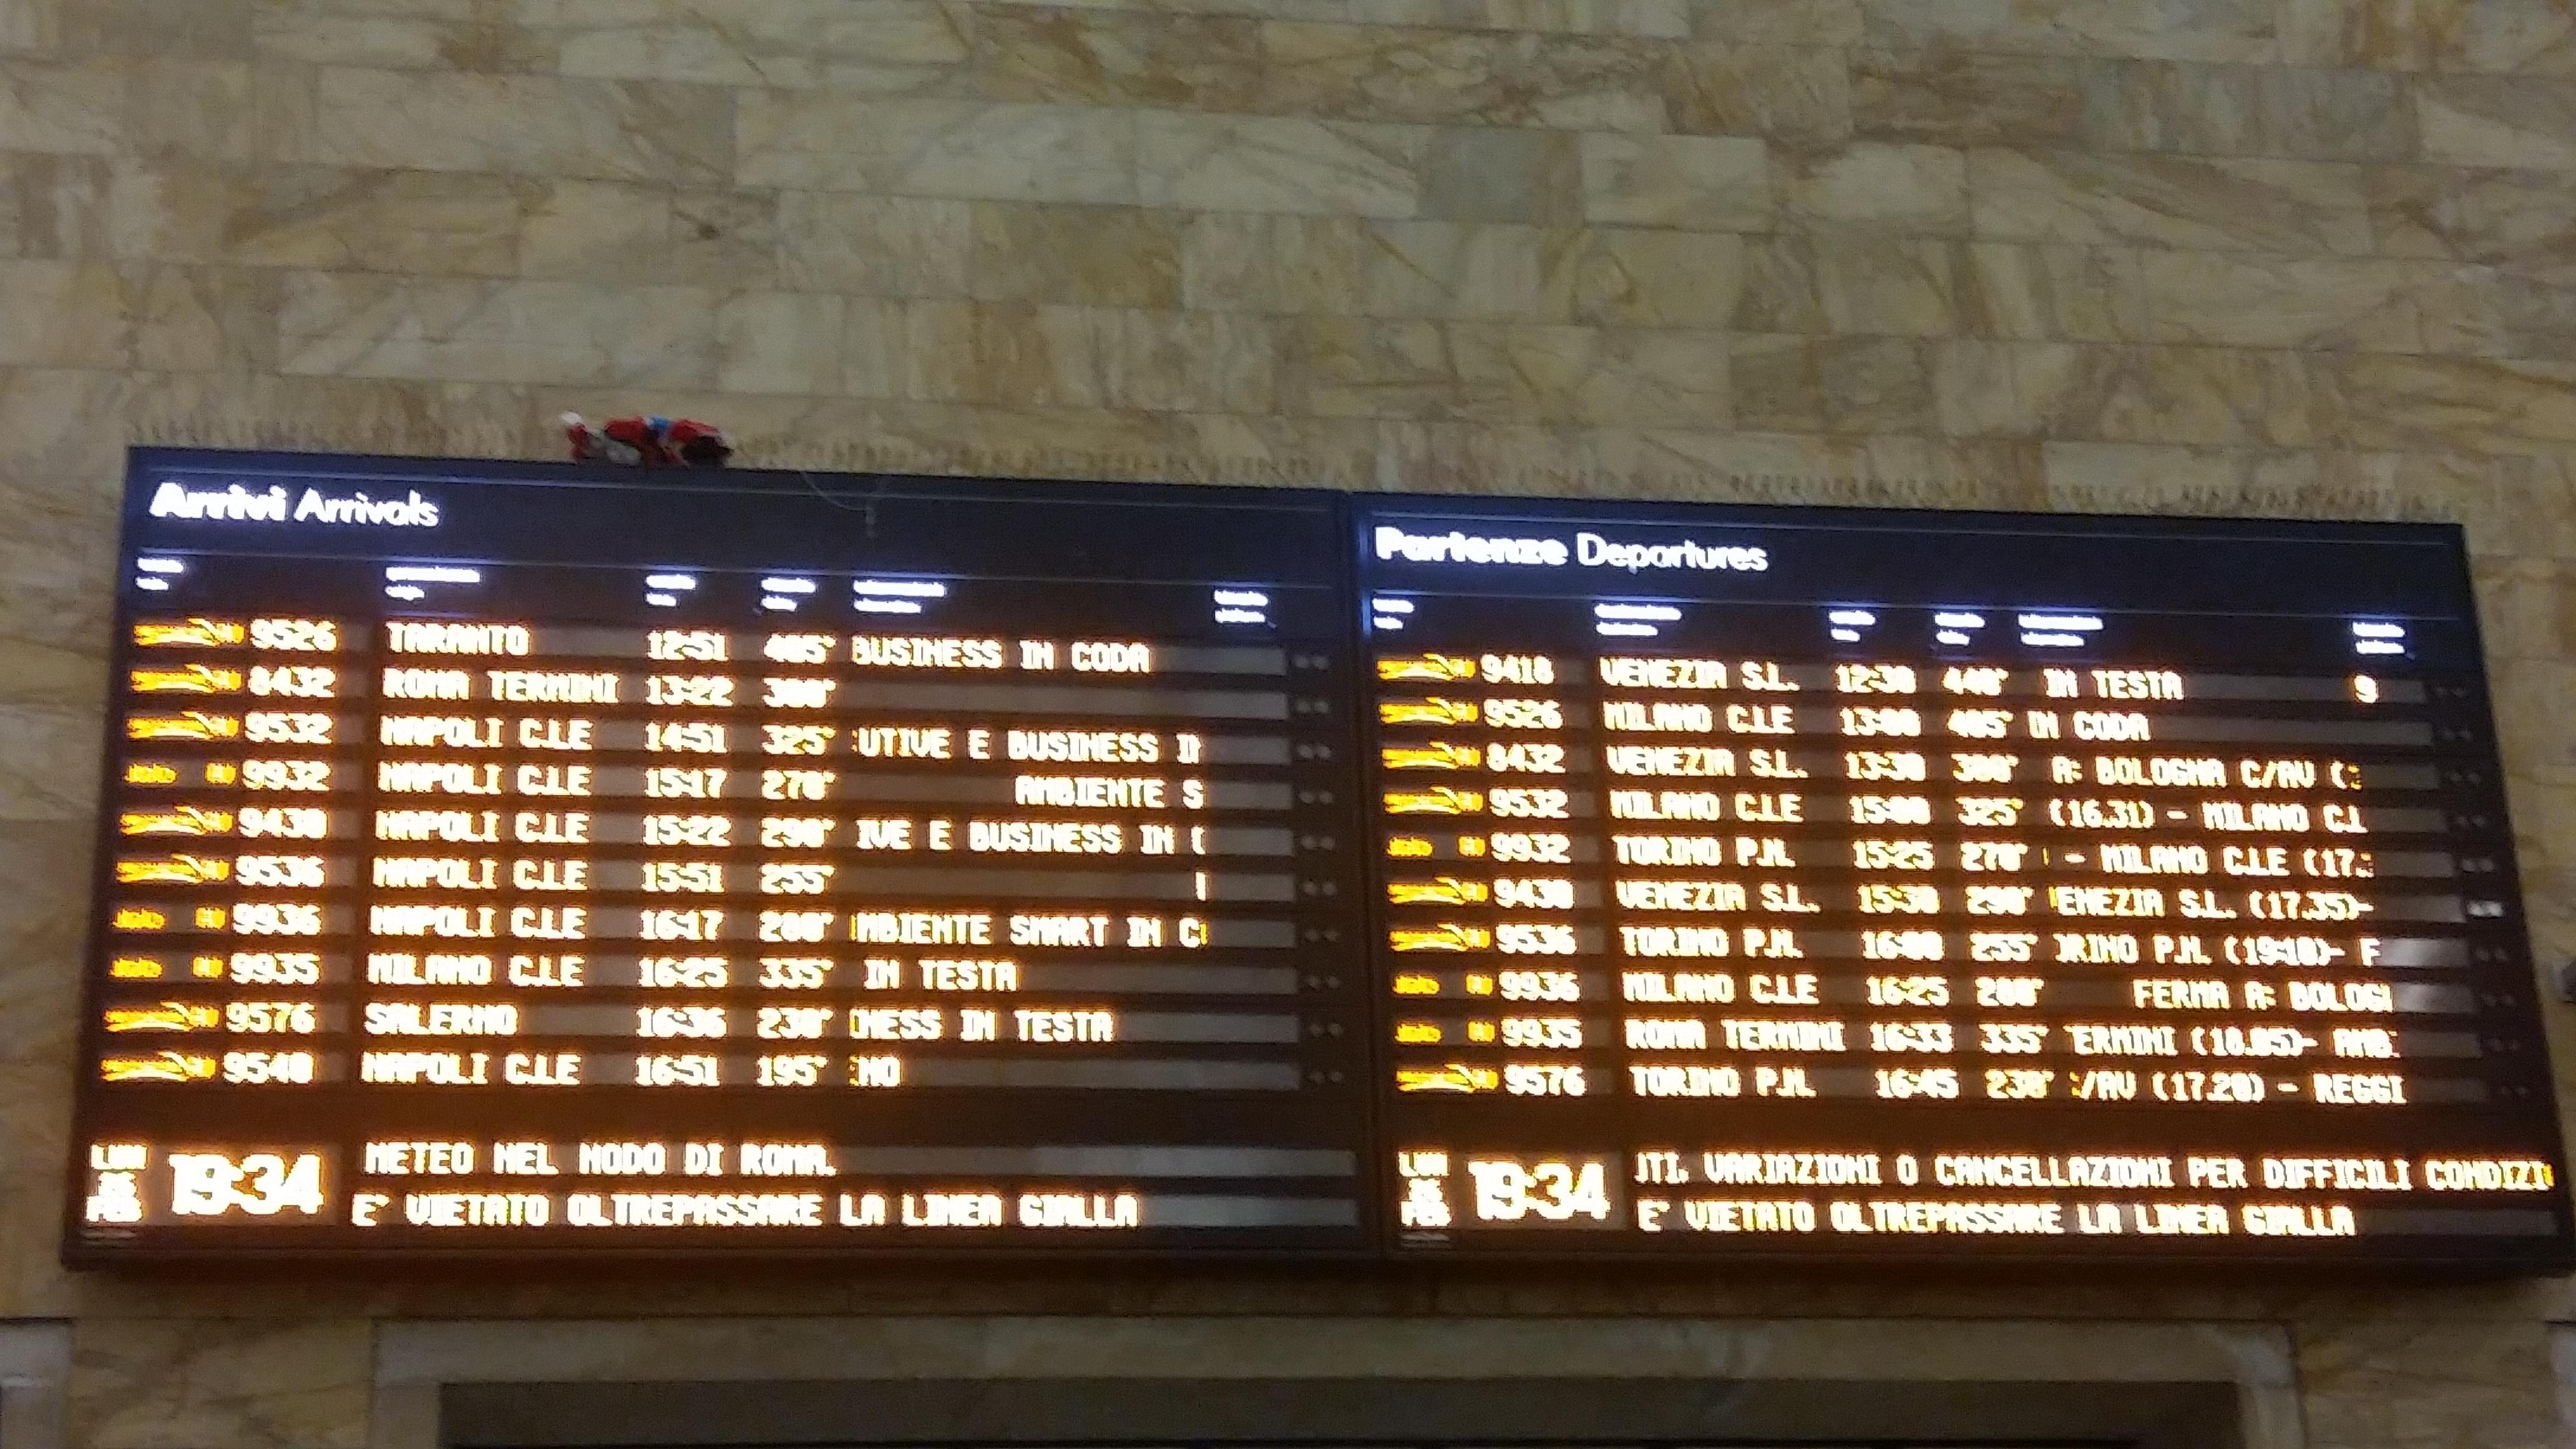 Maltempo, ecco come ottenere rimborsi per i treni in ritardo o cancellati